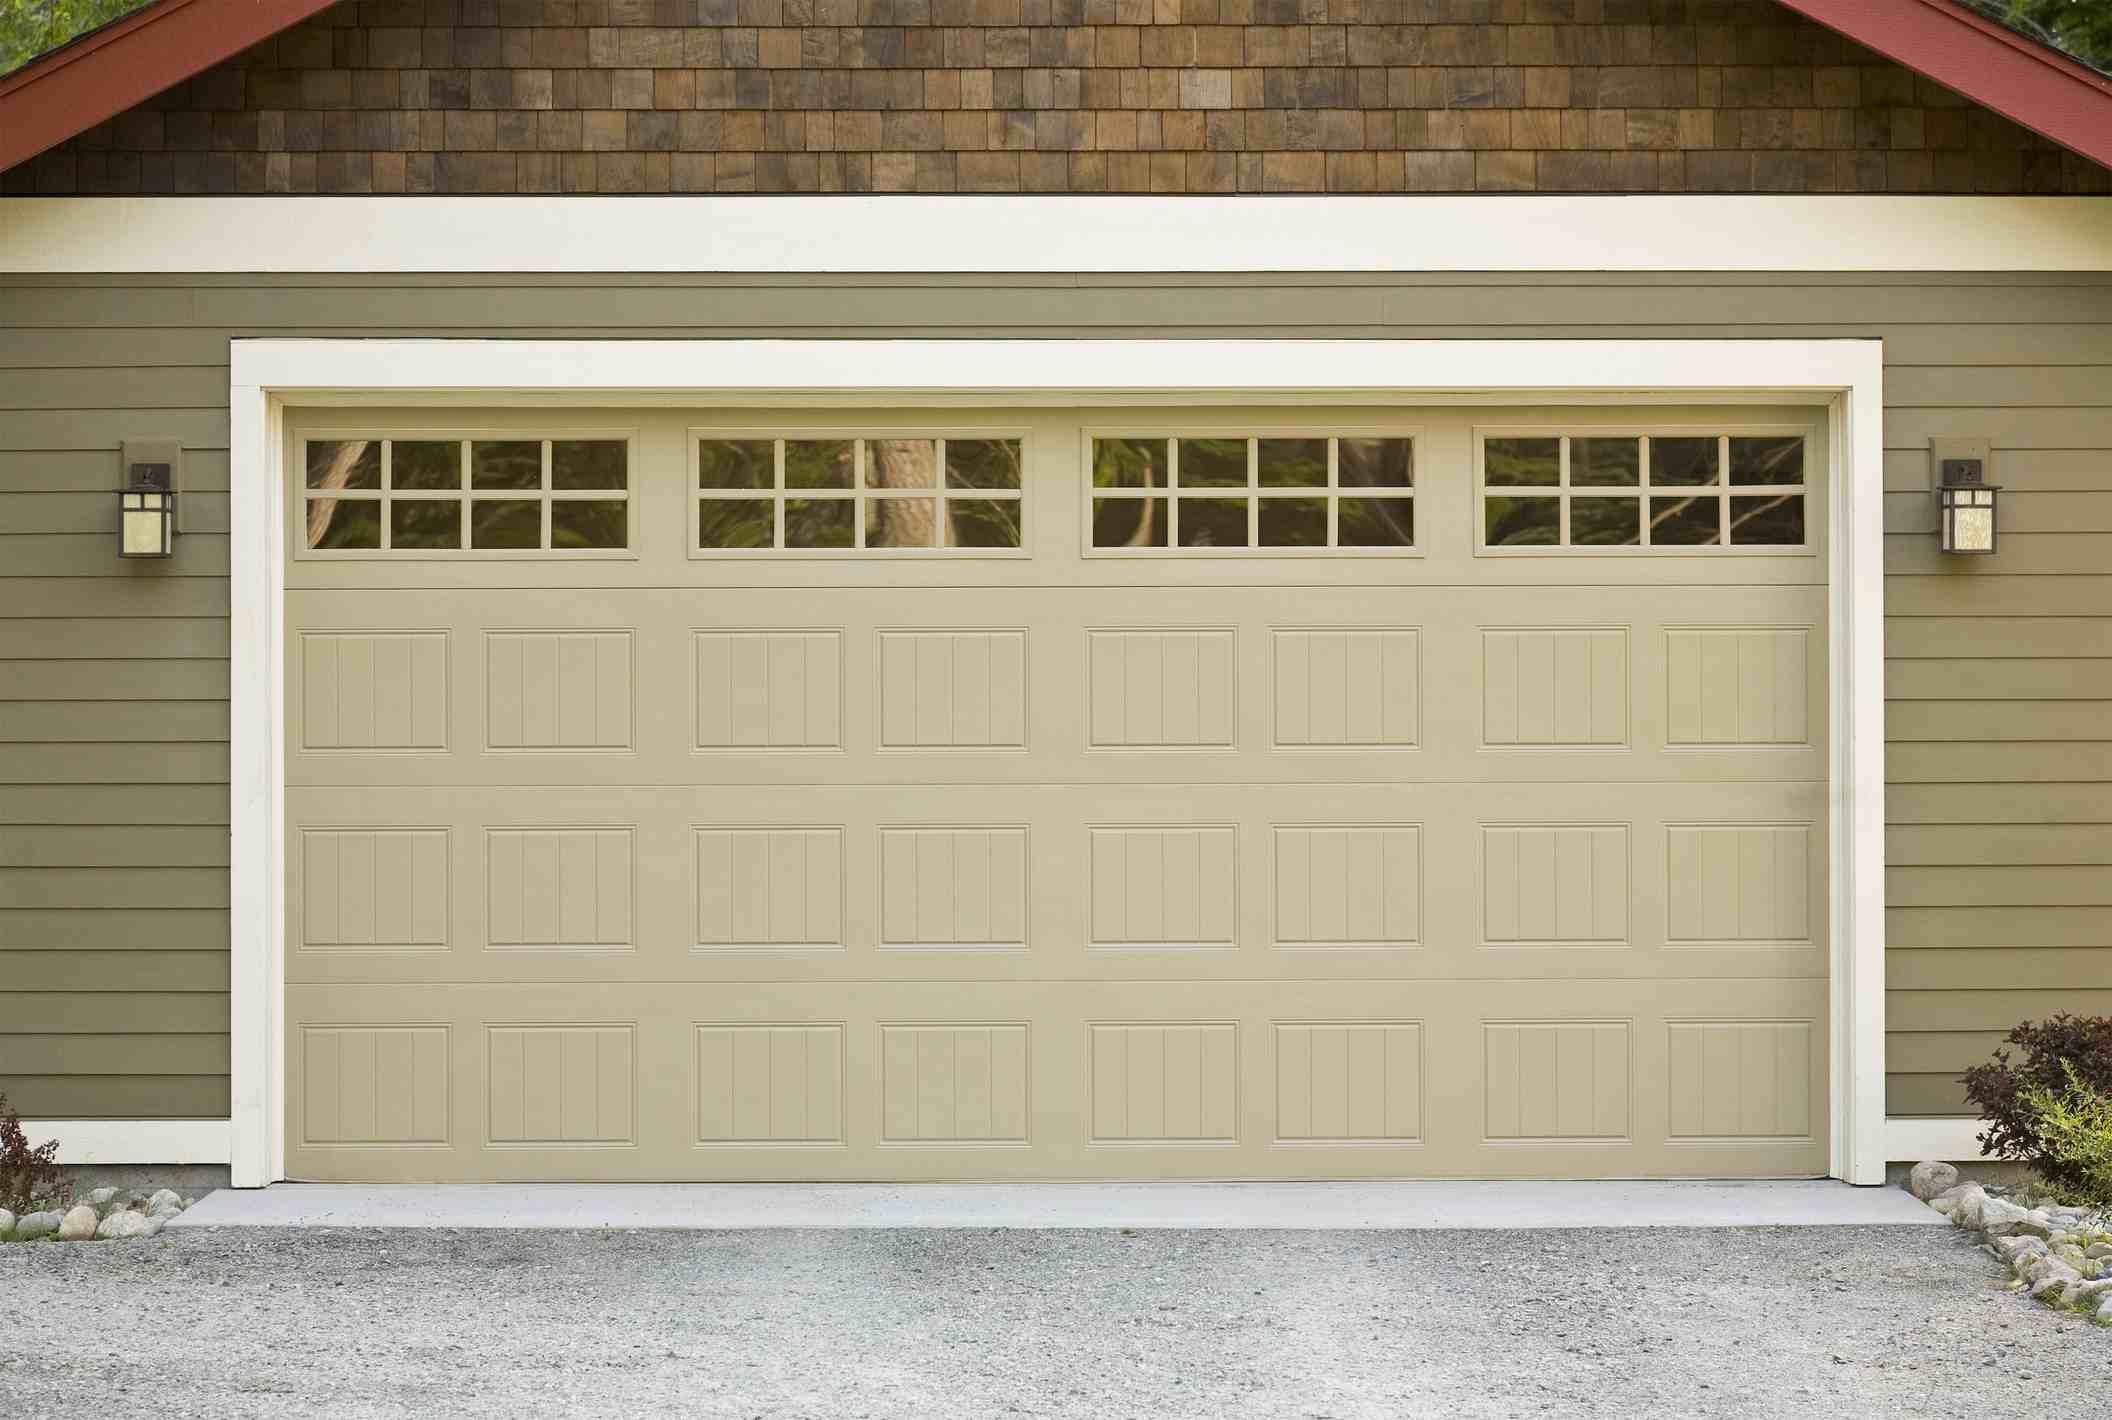 Exterior view of a closed garage door